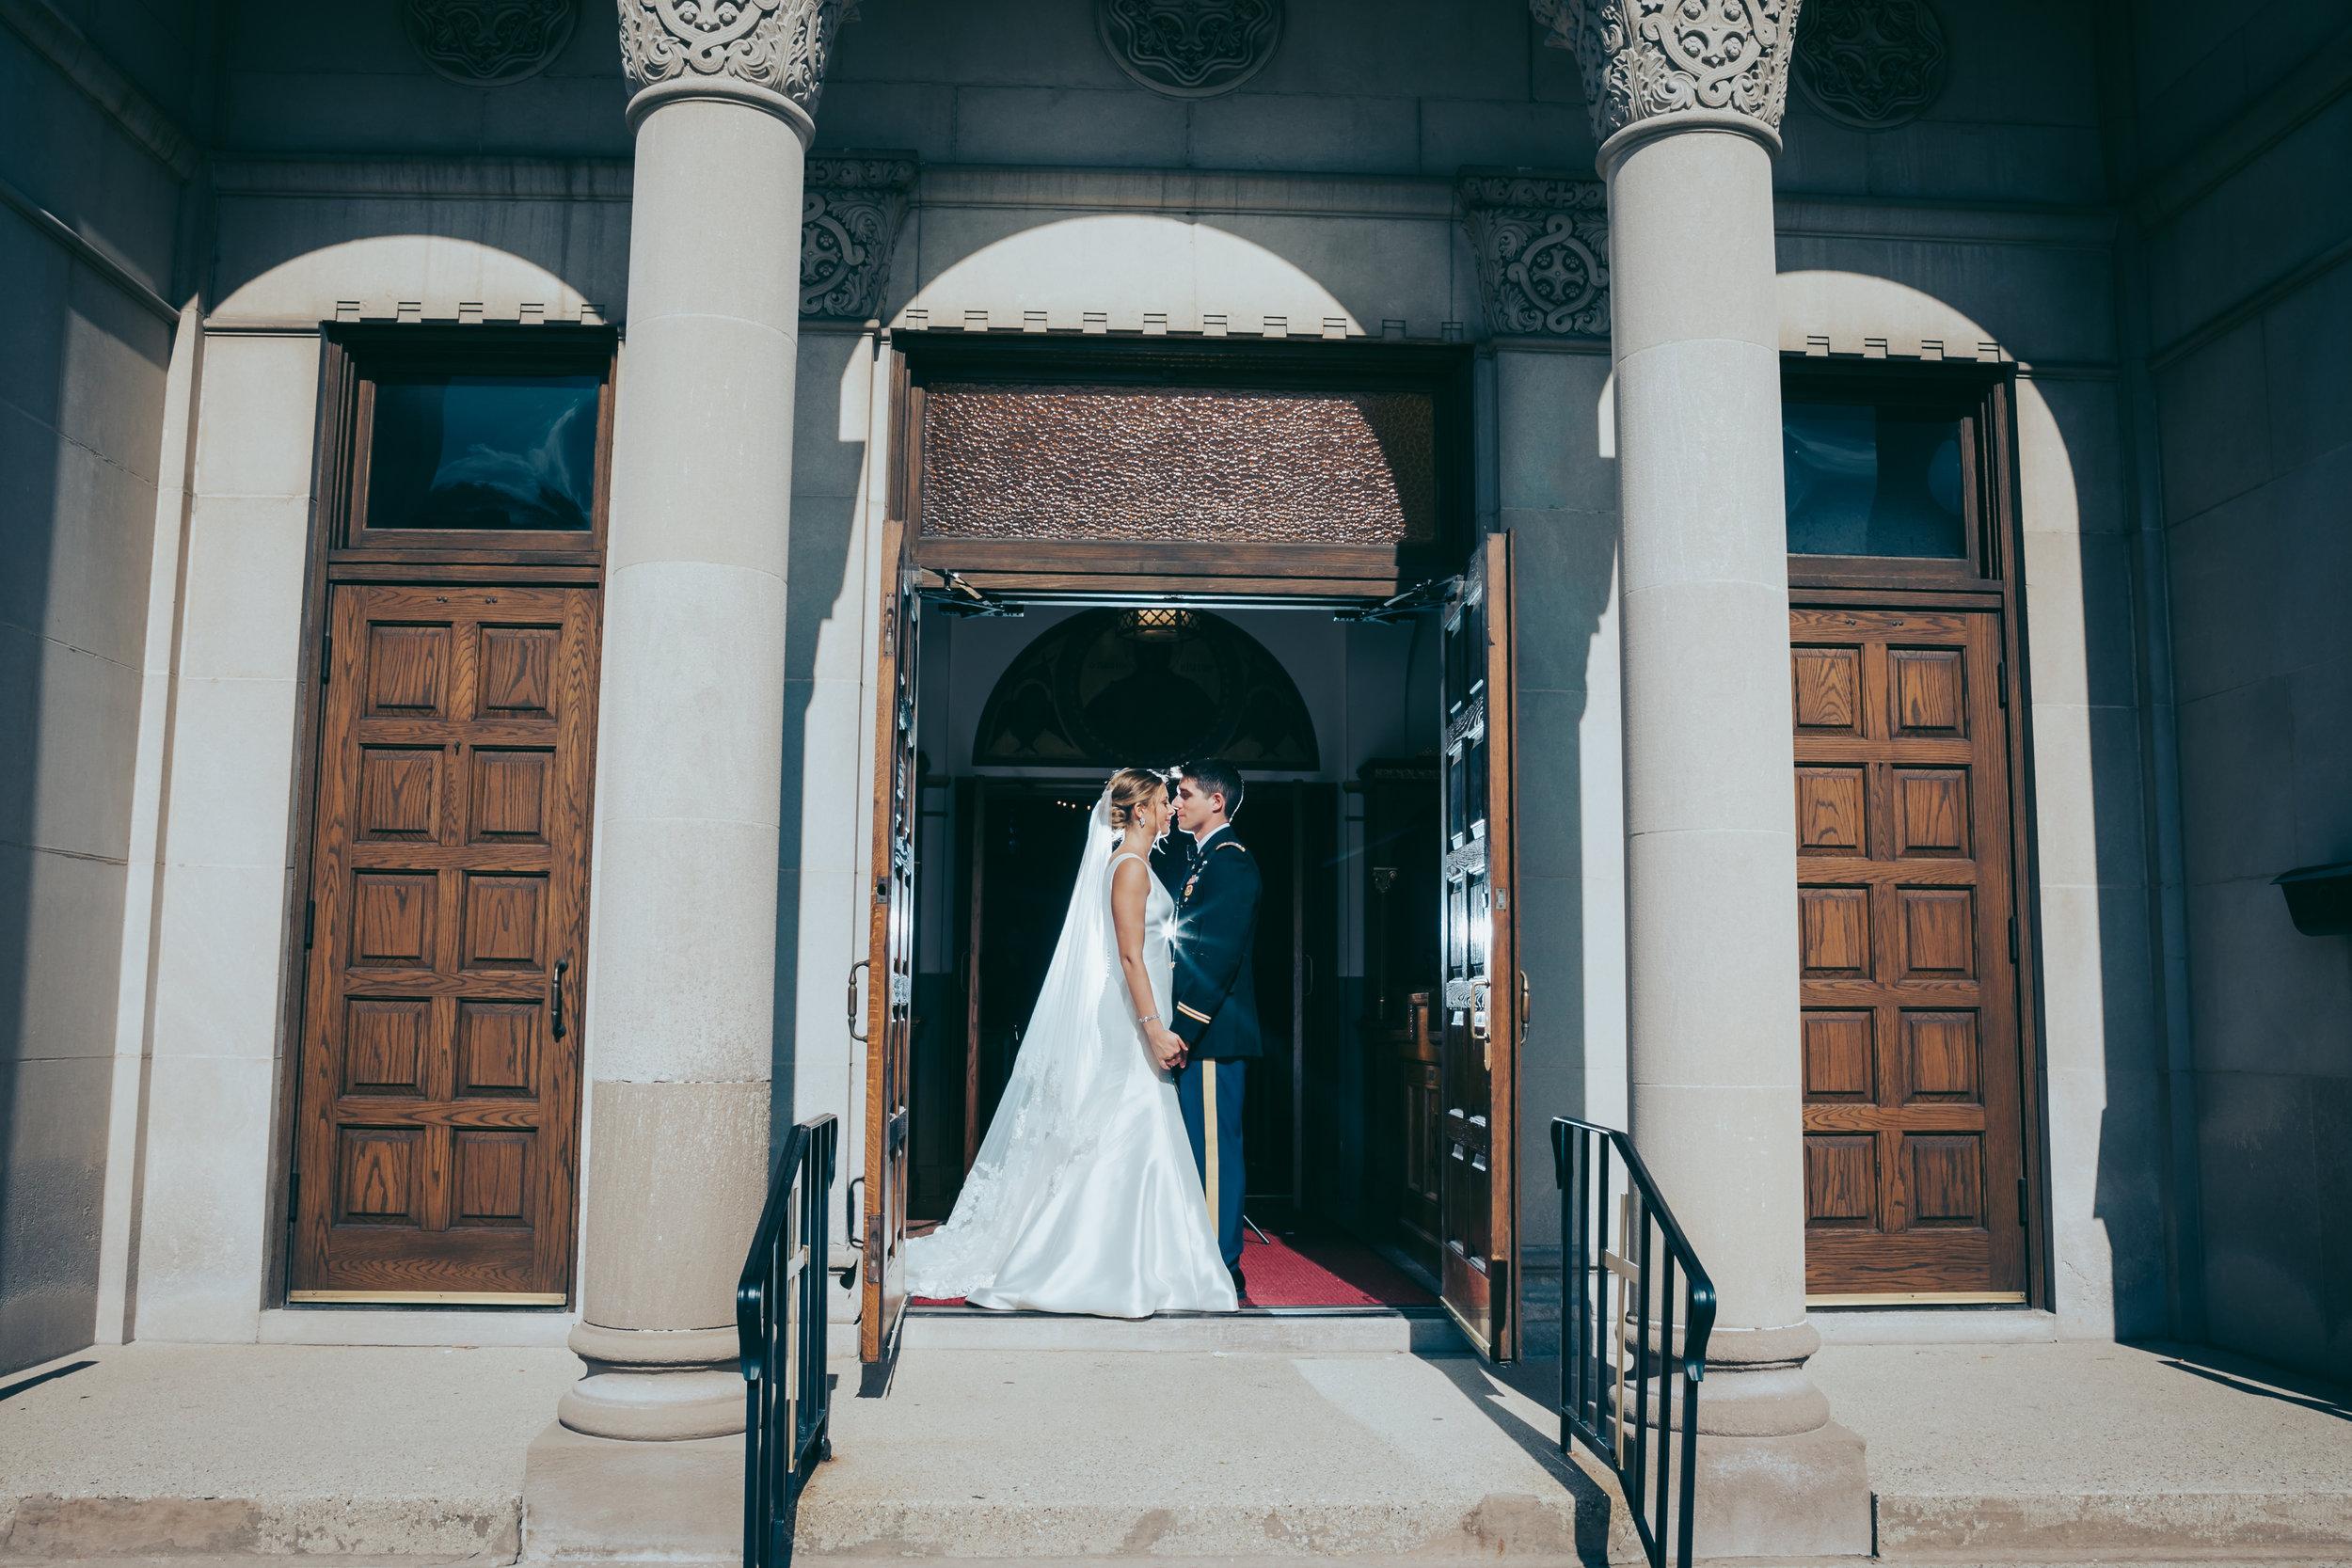 bride-and-groom-in-front-of-church-doors.jpg